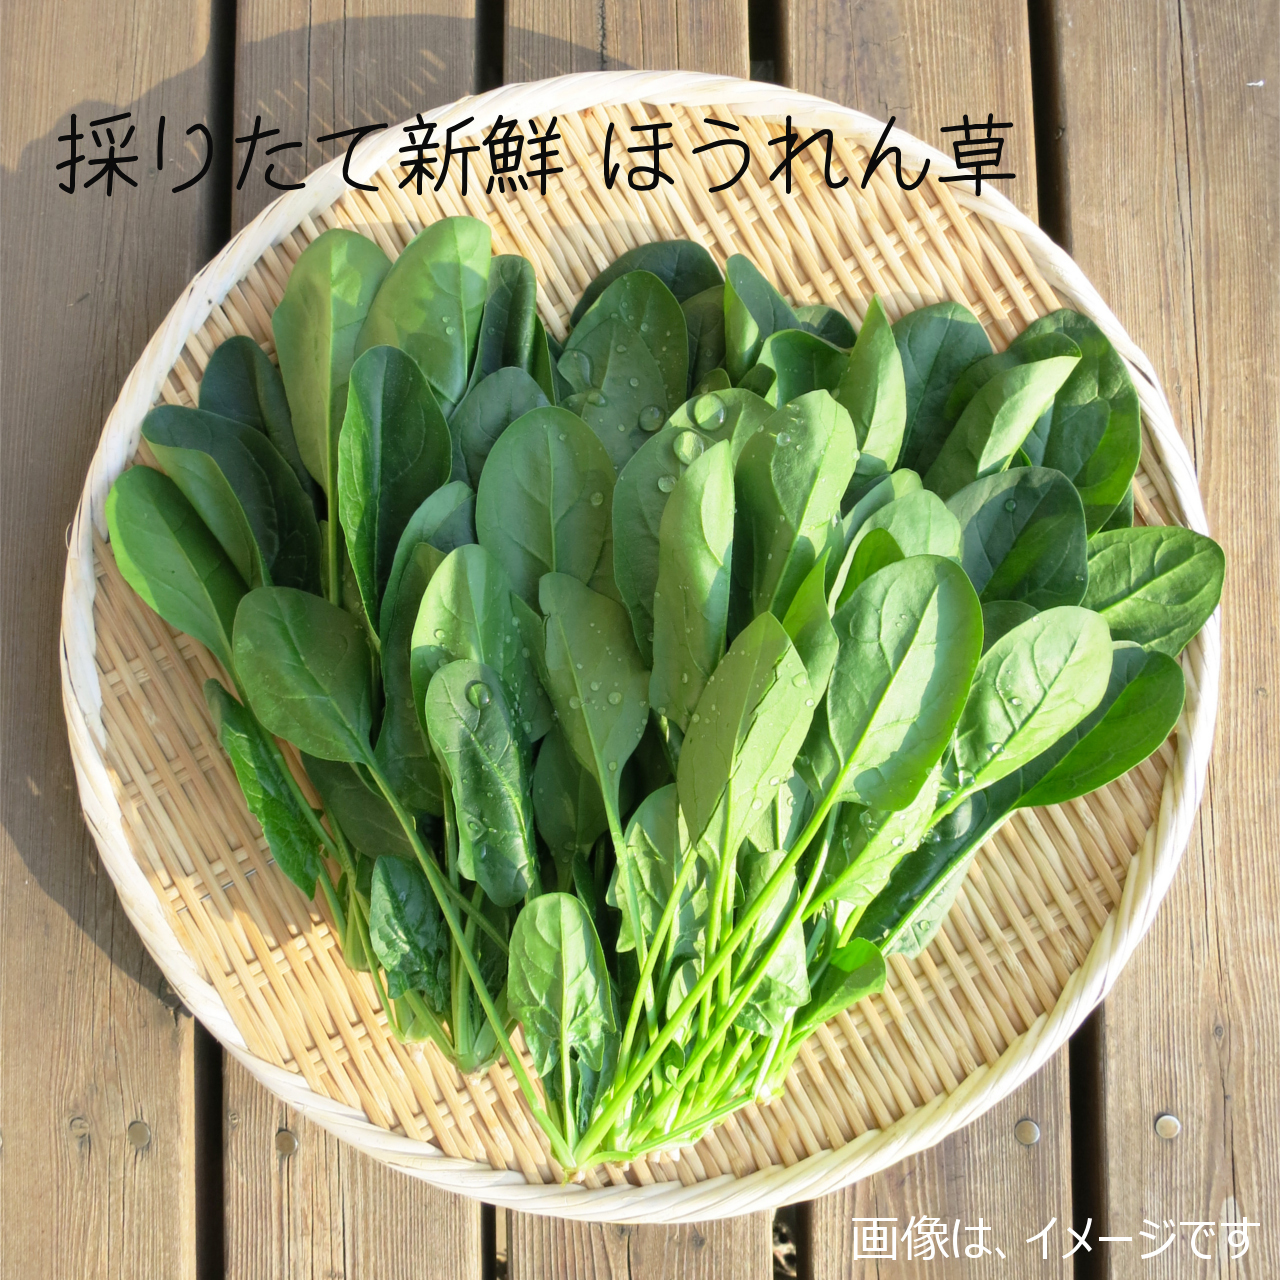 7月の新鮮な夏野菜 : ホウレンソウ 約400g 朝採り直売野菜 7月20日発送予定